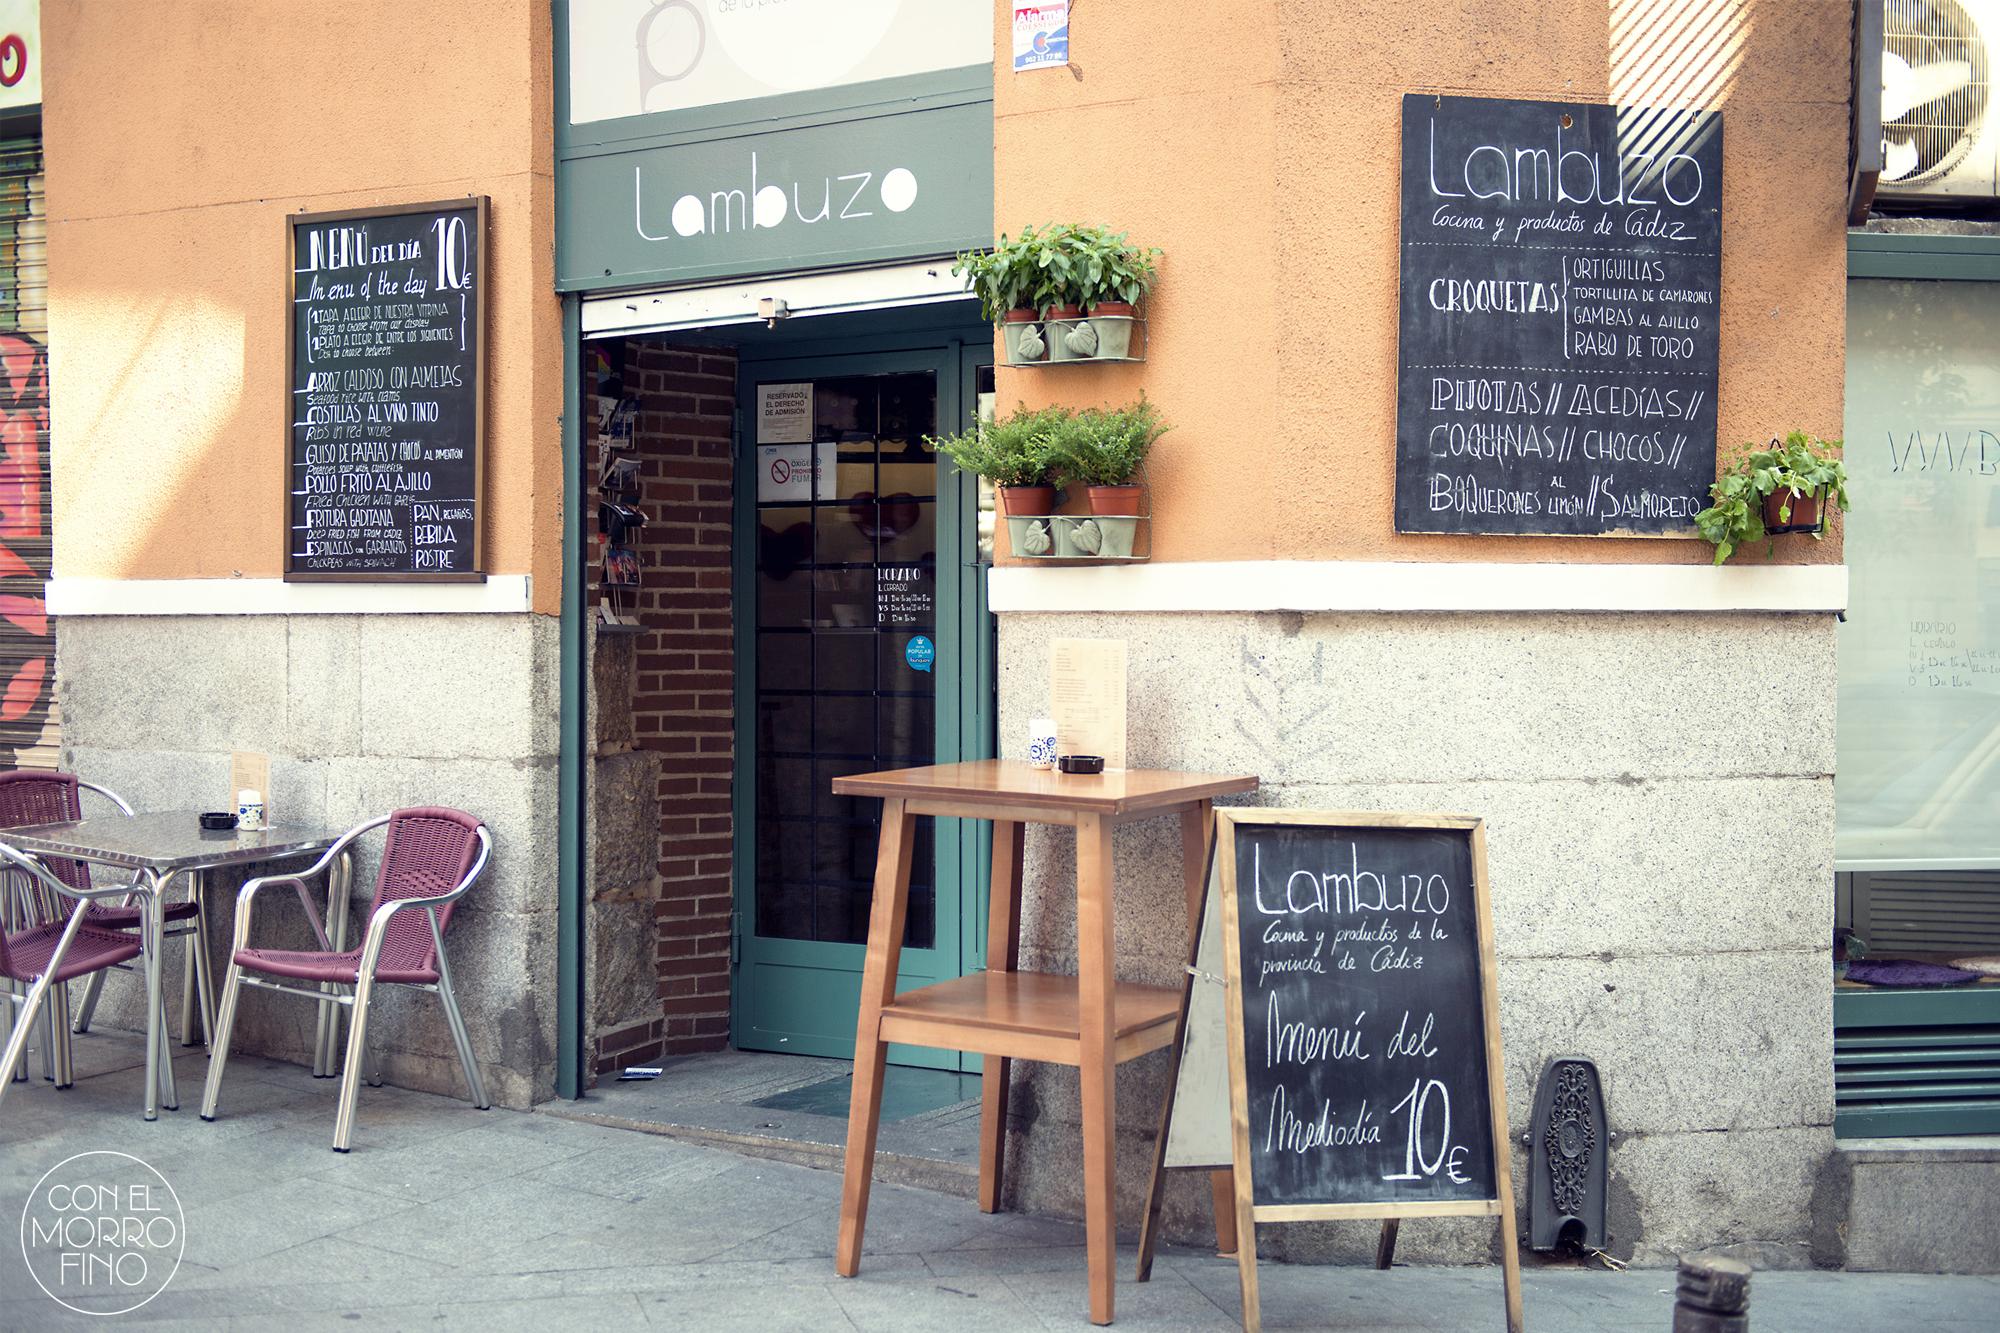 'Bueno, bonito y barato': 25 restaurantes divinos en Madrid por 25€ (o menos) - eat&love Madrid